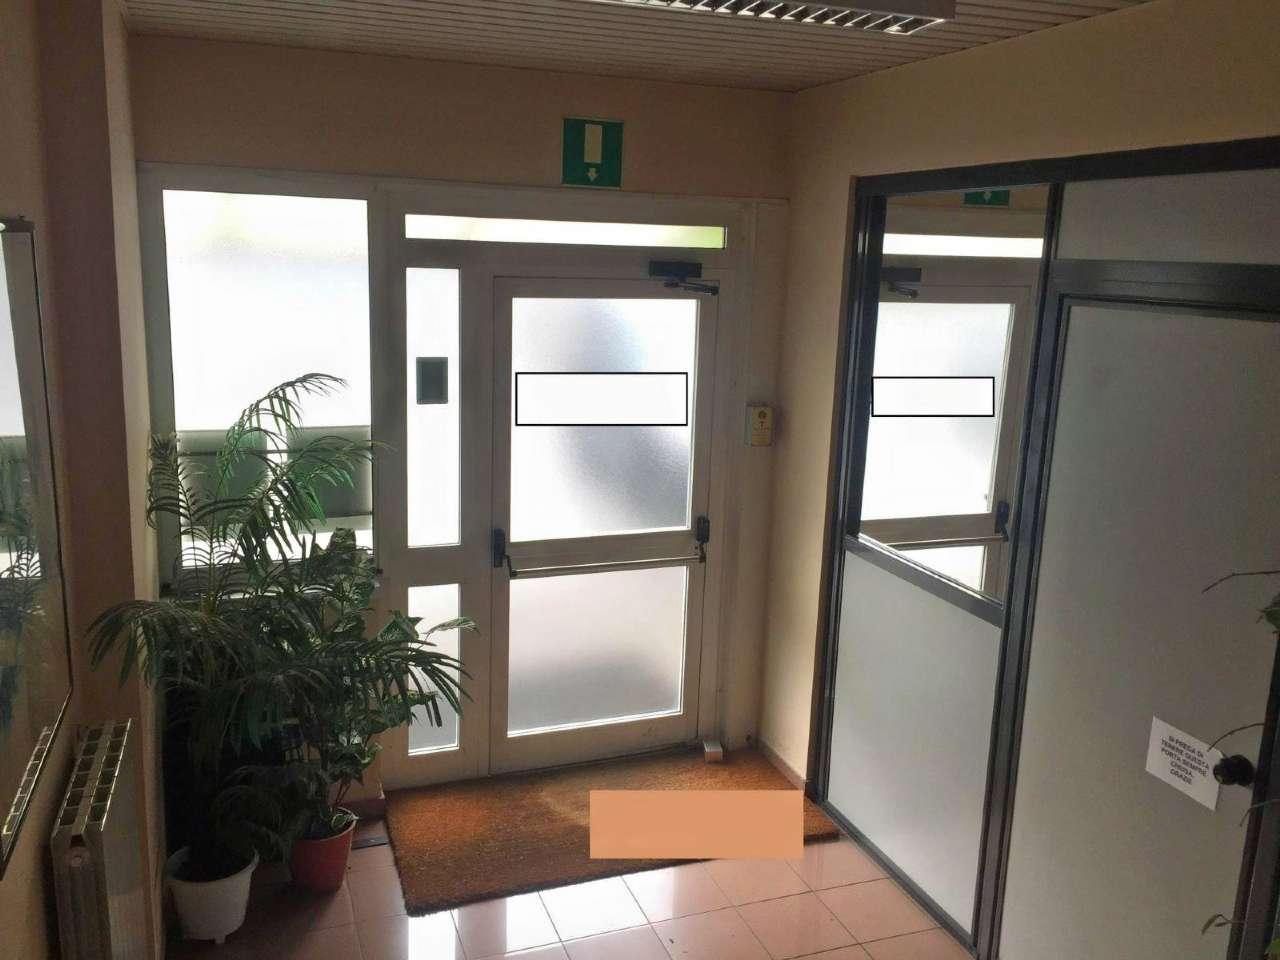 Capannone in affitto a Legnano, 9 locali, prezzo € 4.583 | PortaleAgenzieImmobiliari.it